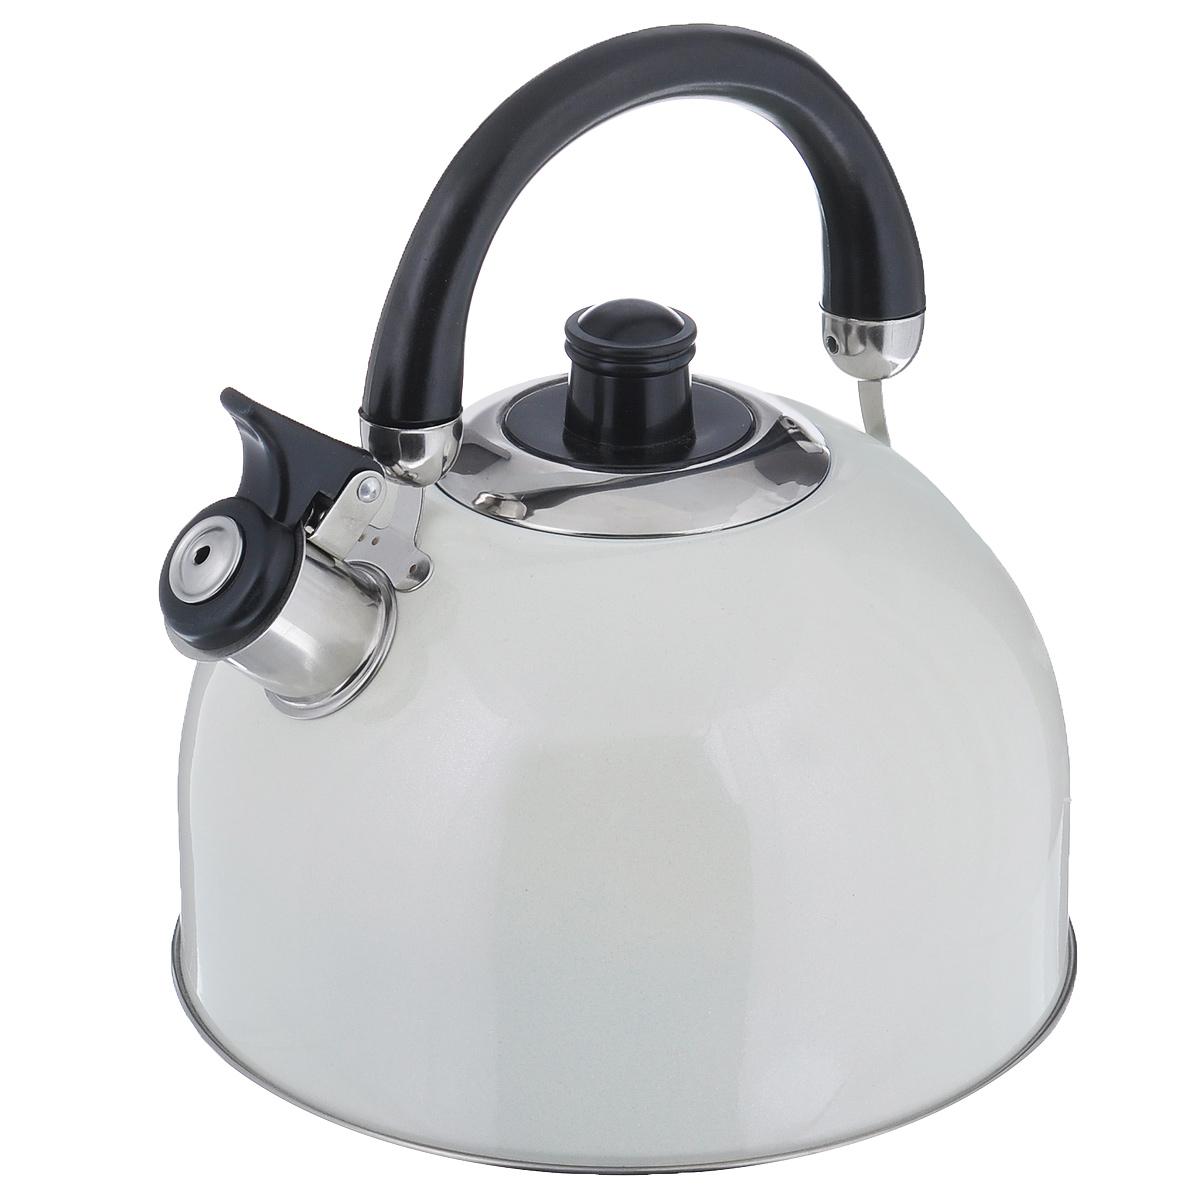 Чайник Mayer & Boch Modern со свистком, цвет: молочный, 2,7 л. 23595-223595-2Чайник Mayer & Boch Modern выполнен из высококачественной нержавеющей стали, что обеспечивает долговечность использования. Внешнее цветное эмалевое покрытие придает приятный внешний вид. Подвижная ручка из бакелита делает использование чайника очень удобным и безопасным. Чайник снабжен свистком и устройством для открывания носика. Можно мыть в посудомоечной машине. Пригоден для всех видов плит, включая индукционные. Высота чайника (без учета крышки и ручки): 11,5 см. Диаметр основания: 20 см.